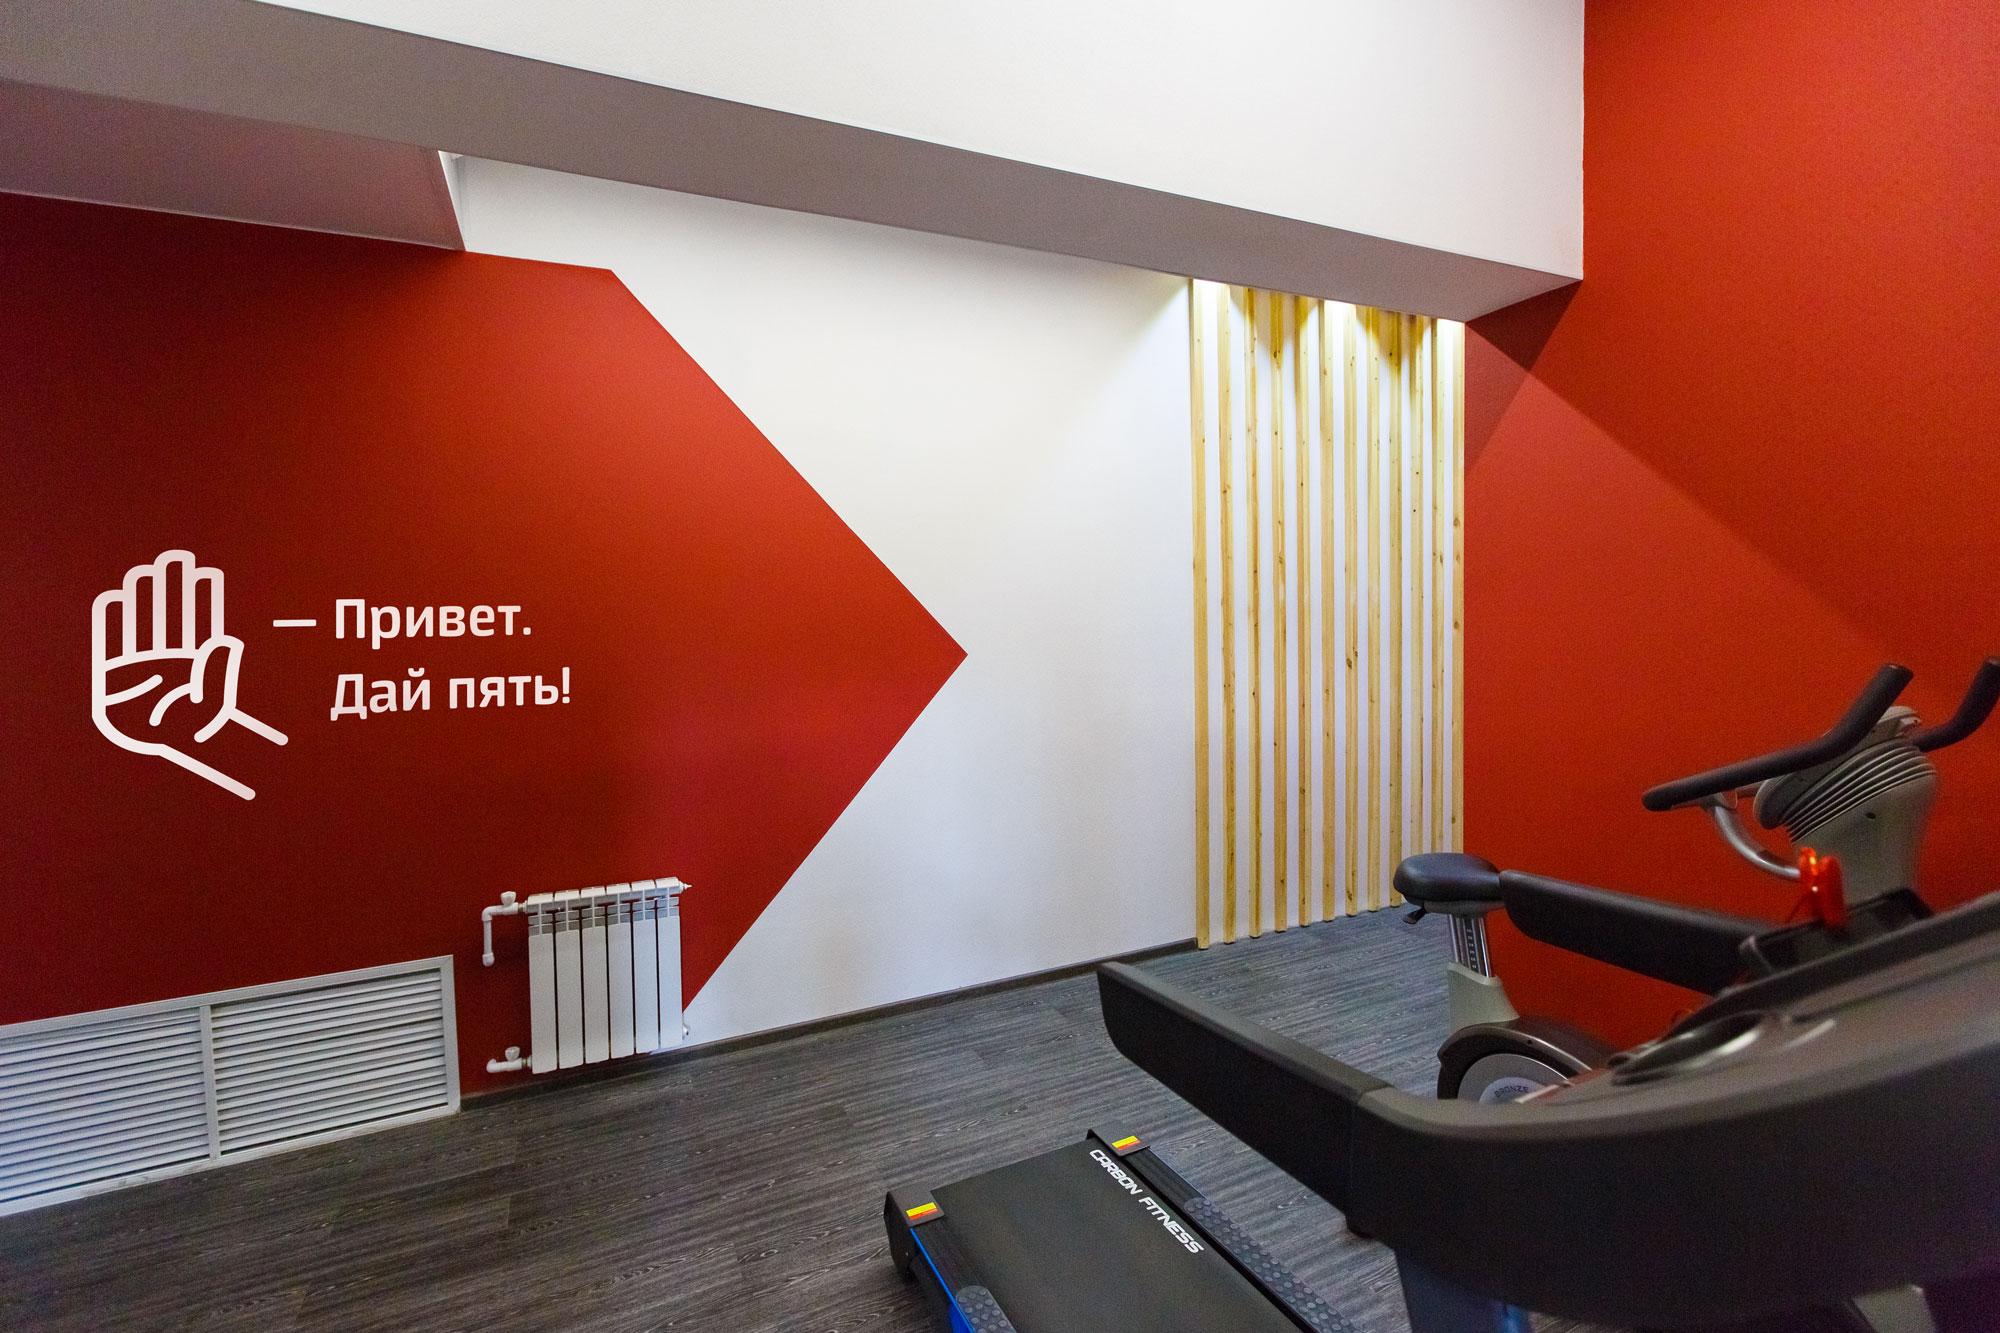 Дизайн интерьера тренажерного зала фитнес-клуба